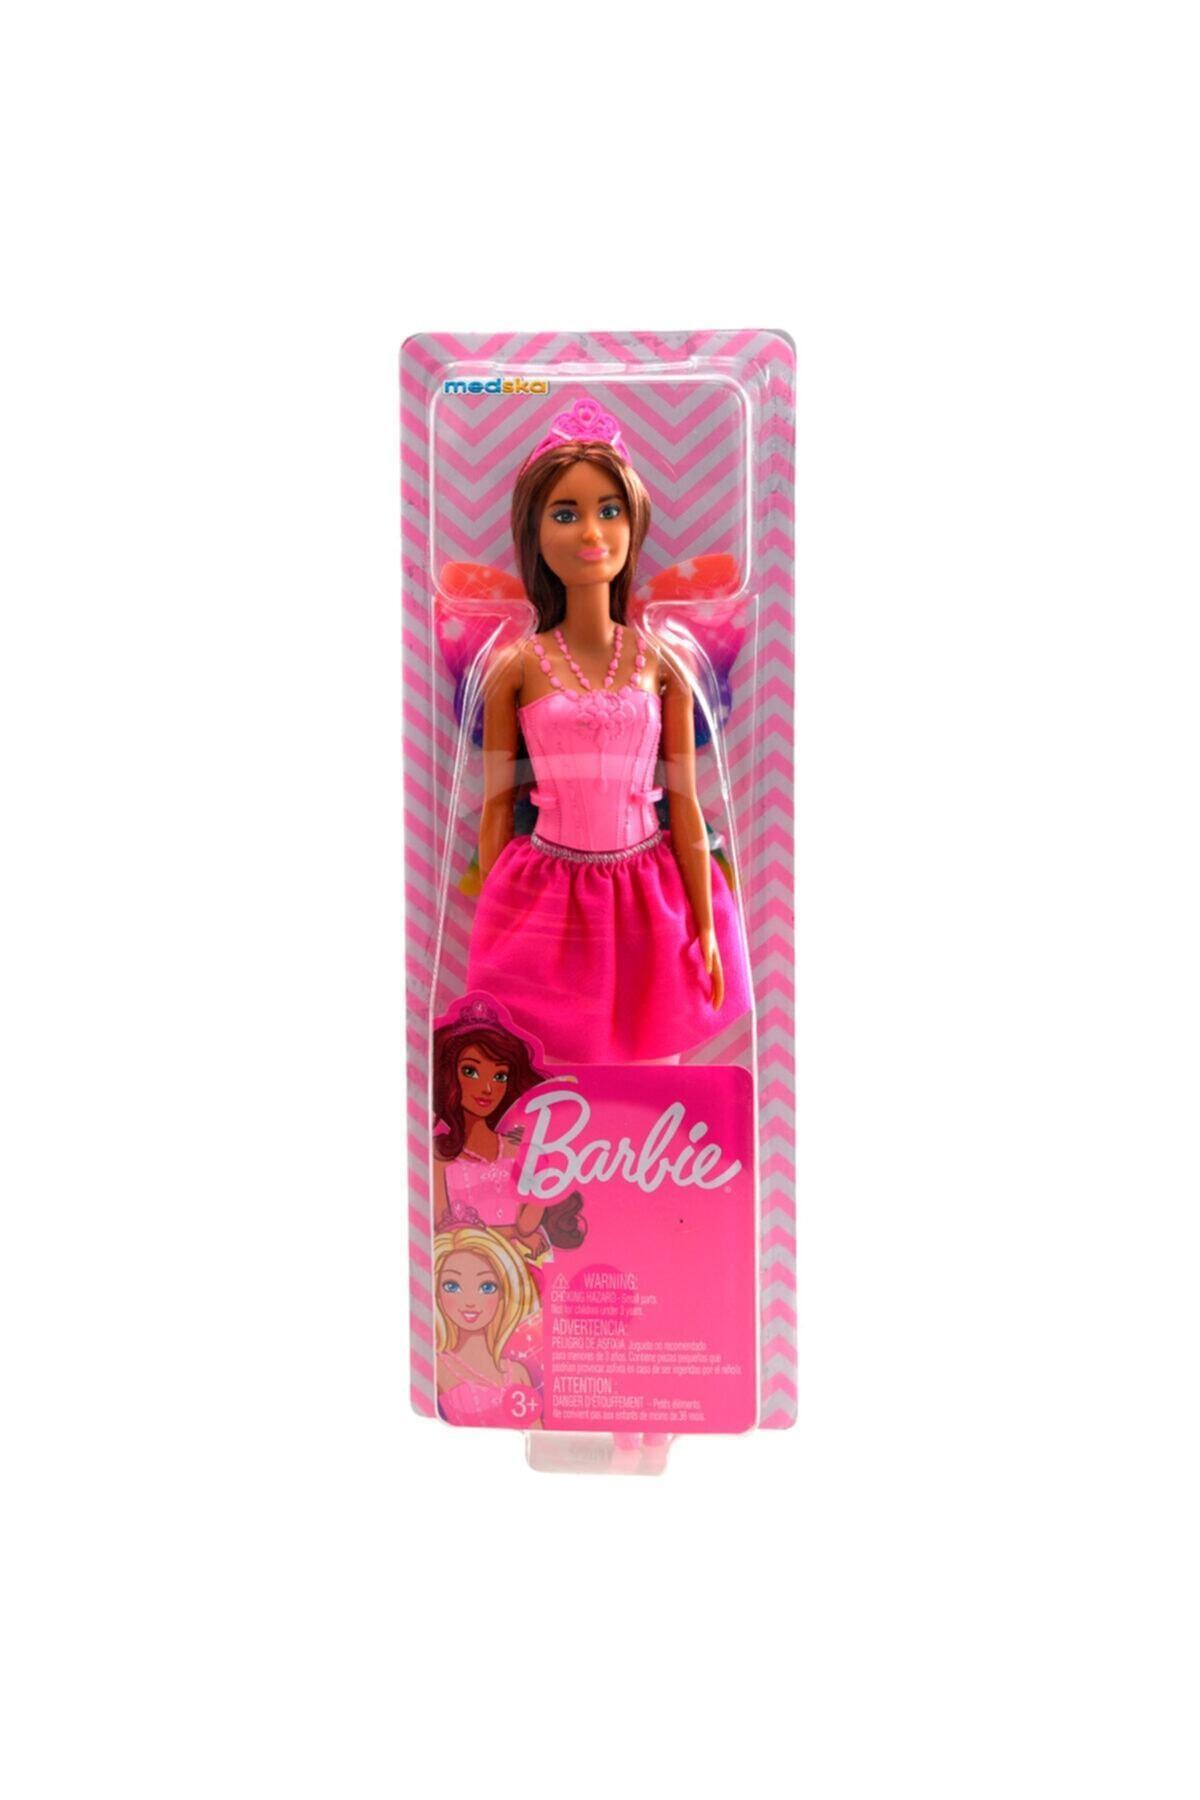 Medska Barbie Dreamtopia Peri Bebek Barbie 2